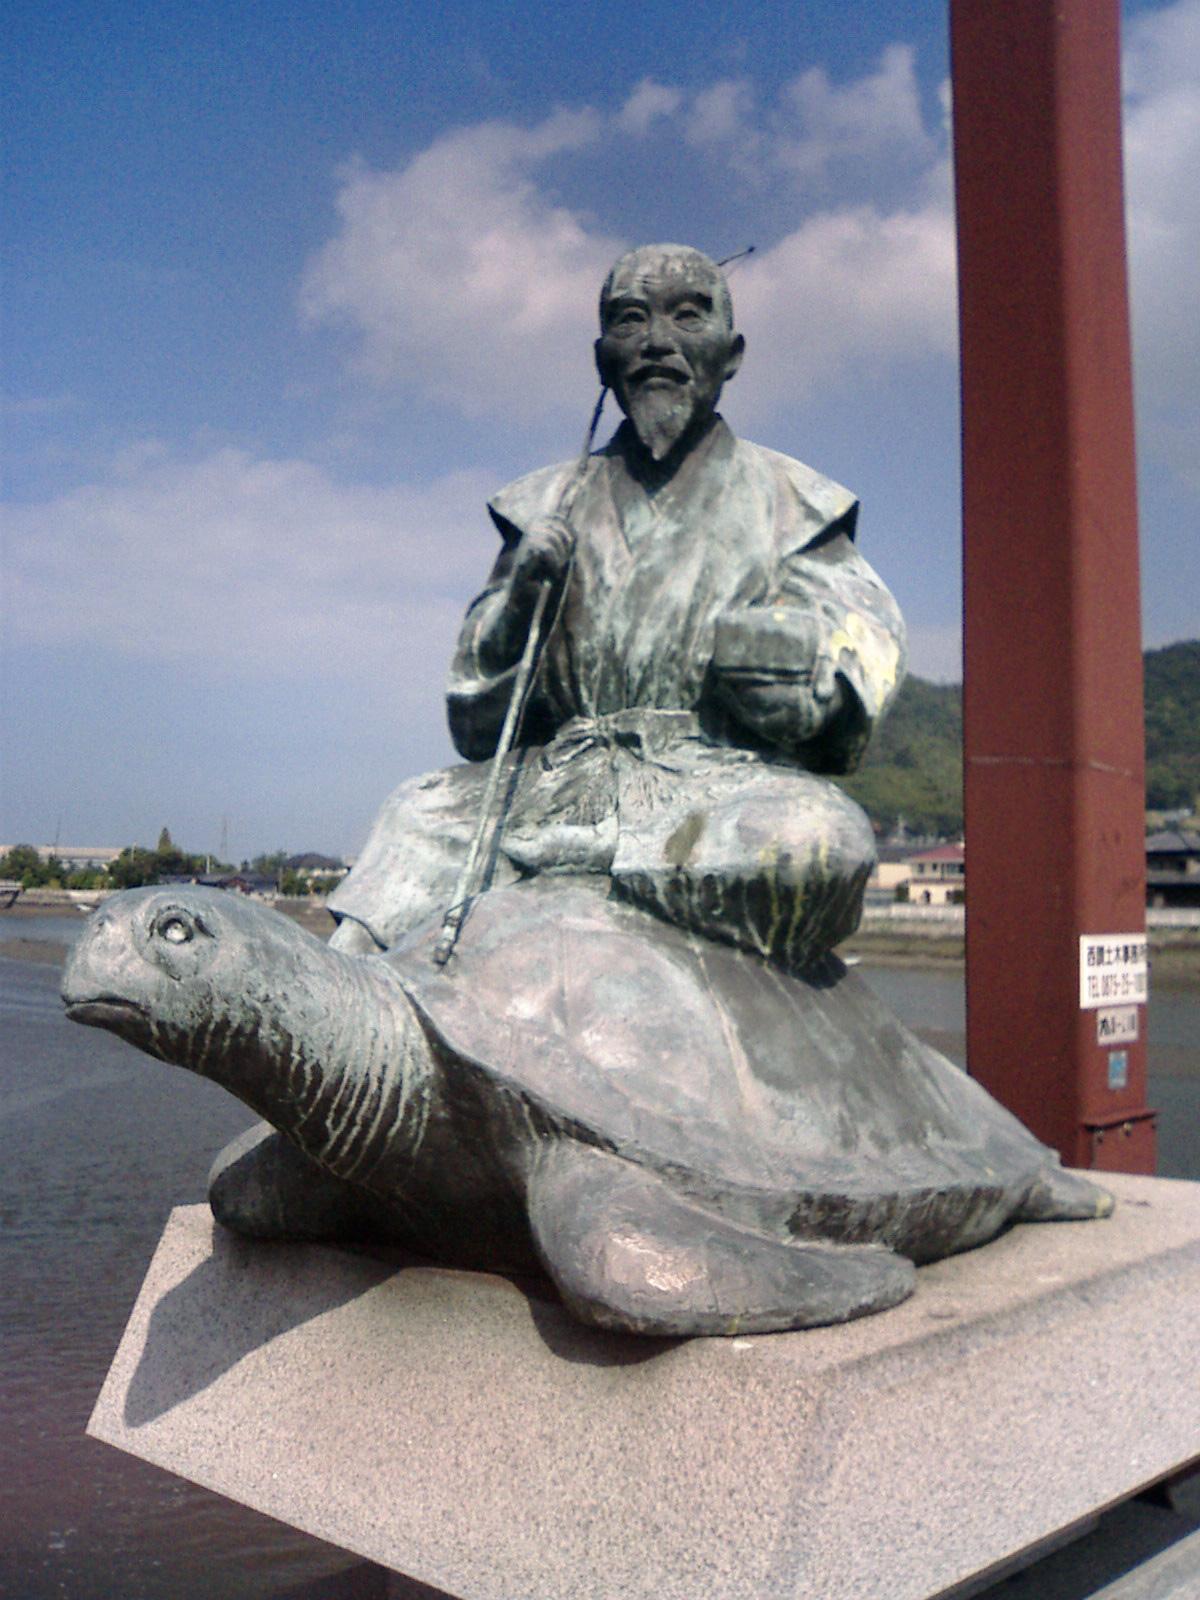 リュウグウノツカイが沖縄にも?!沖縄のリュウグウノツカイをご紹介します。